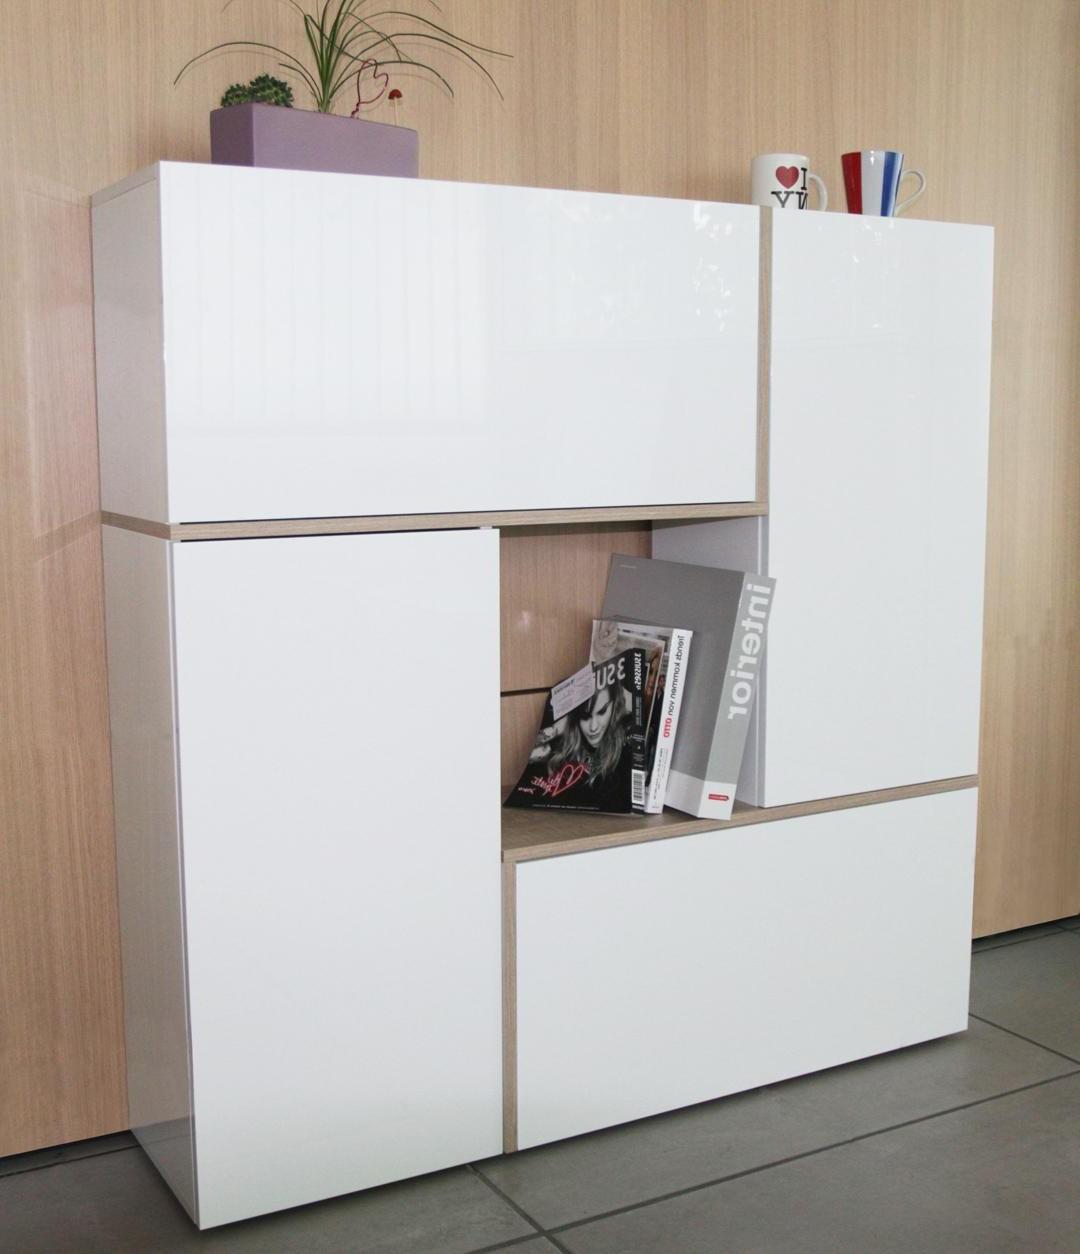 meuble de rangement pour bureautique armoire id es de d coration de maison l2b1070dz5. Black Bedroom Furniture Sets. Home Design Ideas